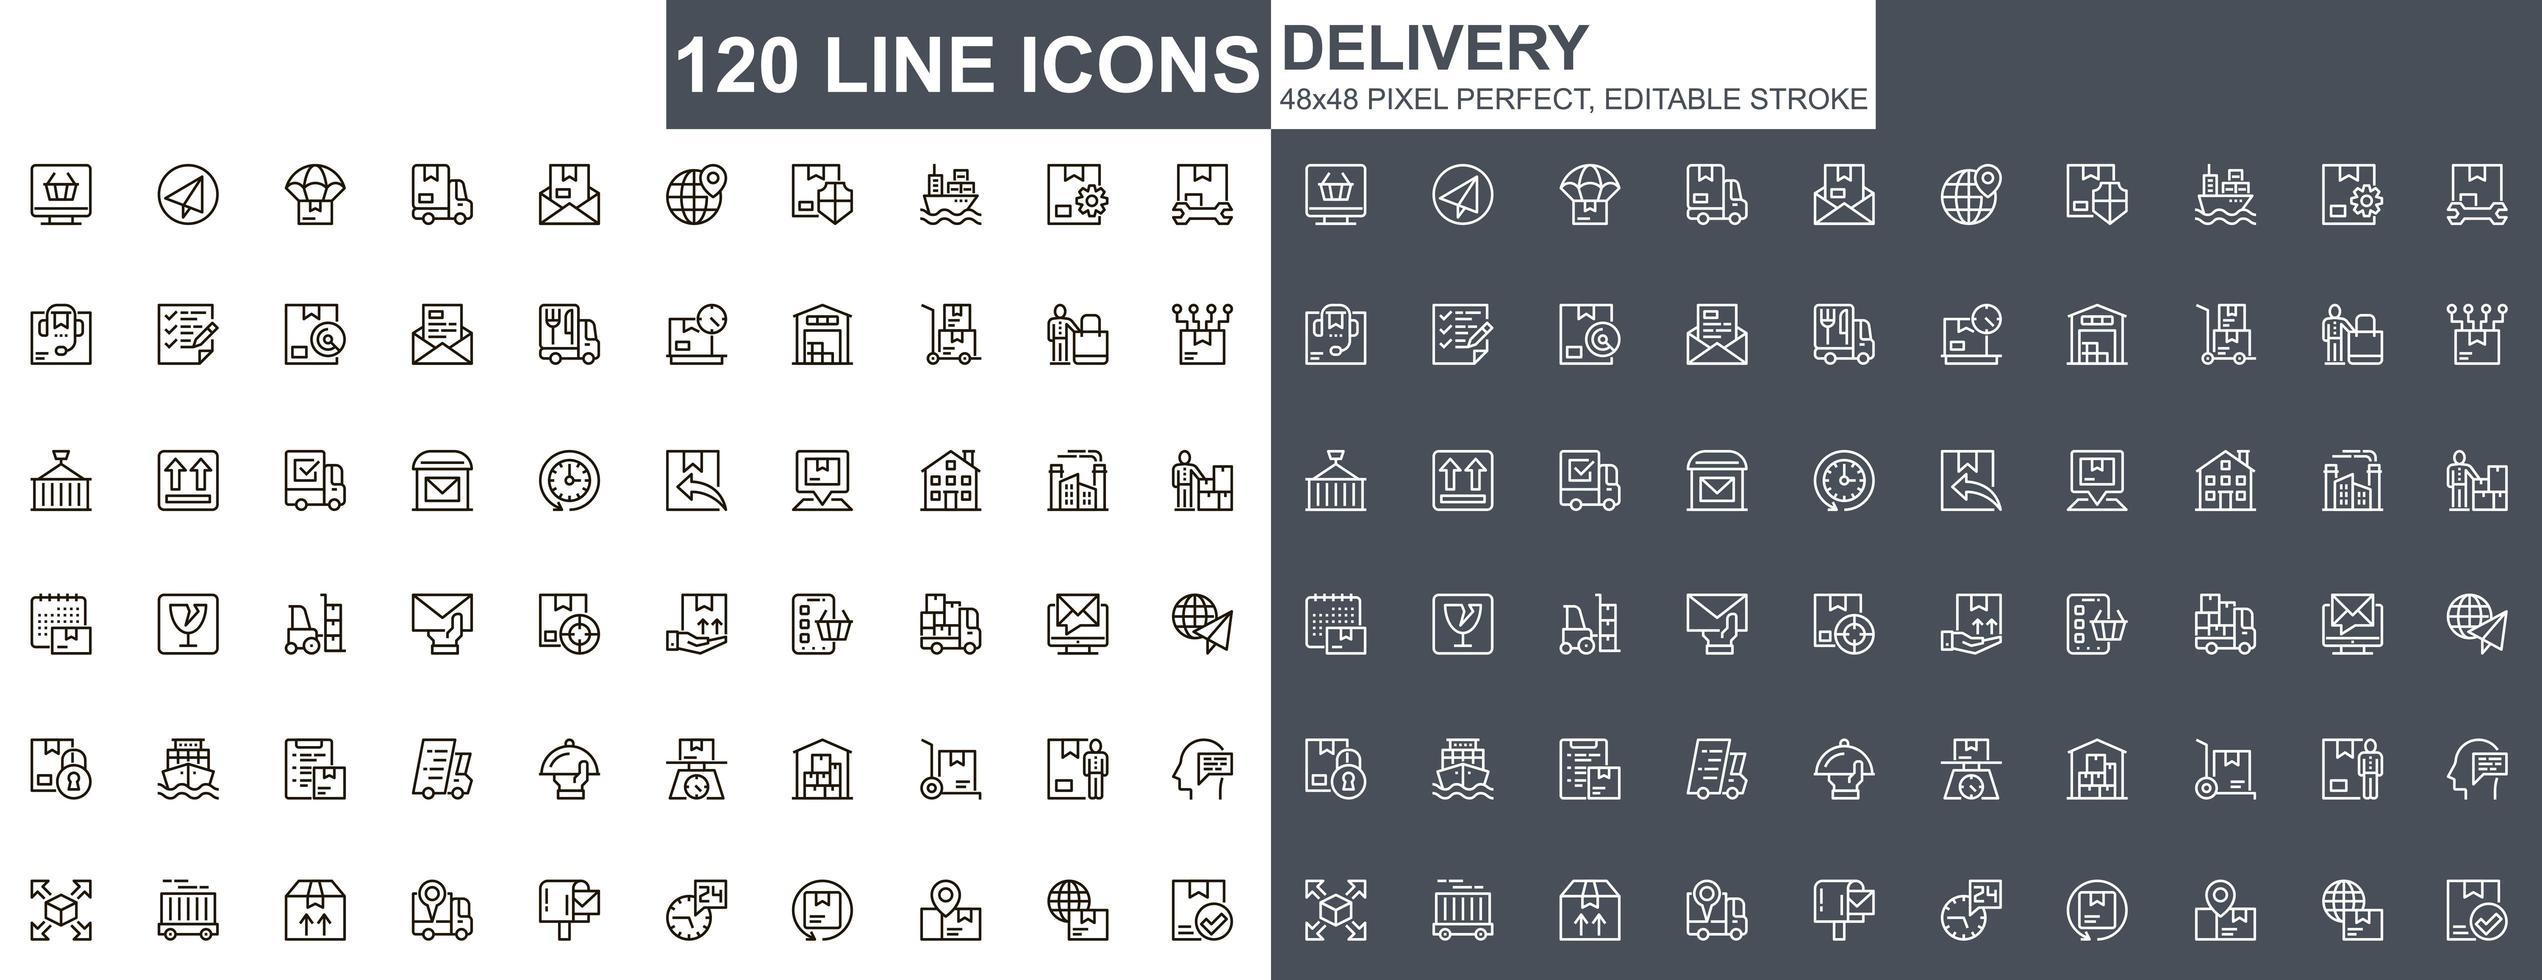 jeu d & # 39; icônes de livraison fine ligne vecteur